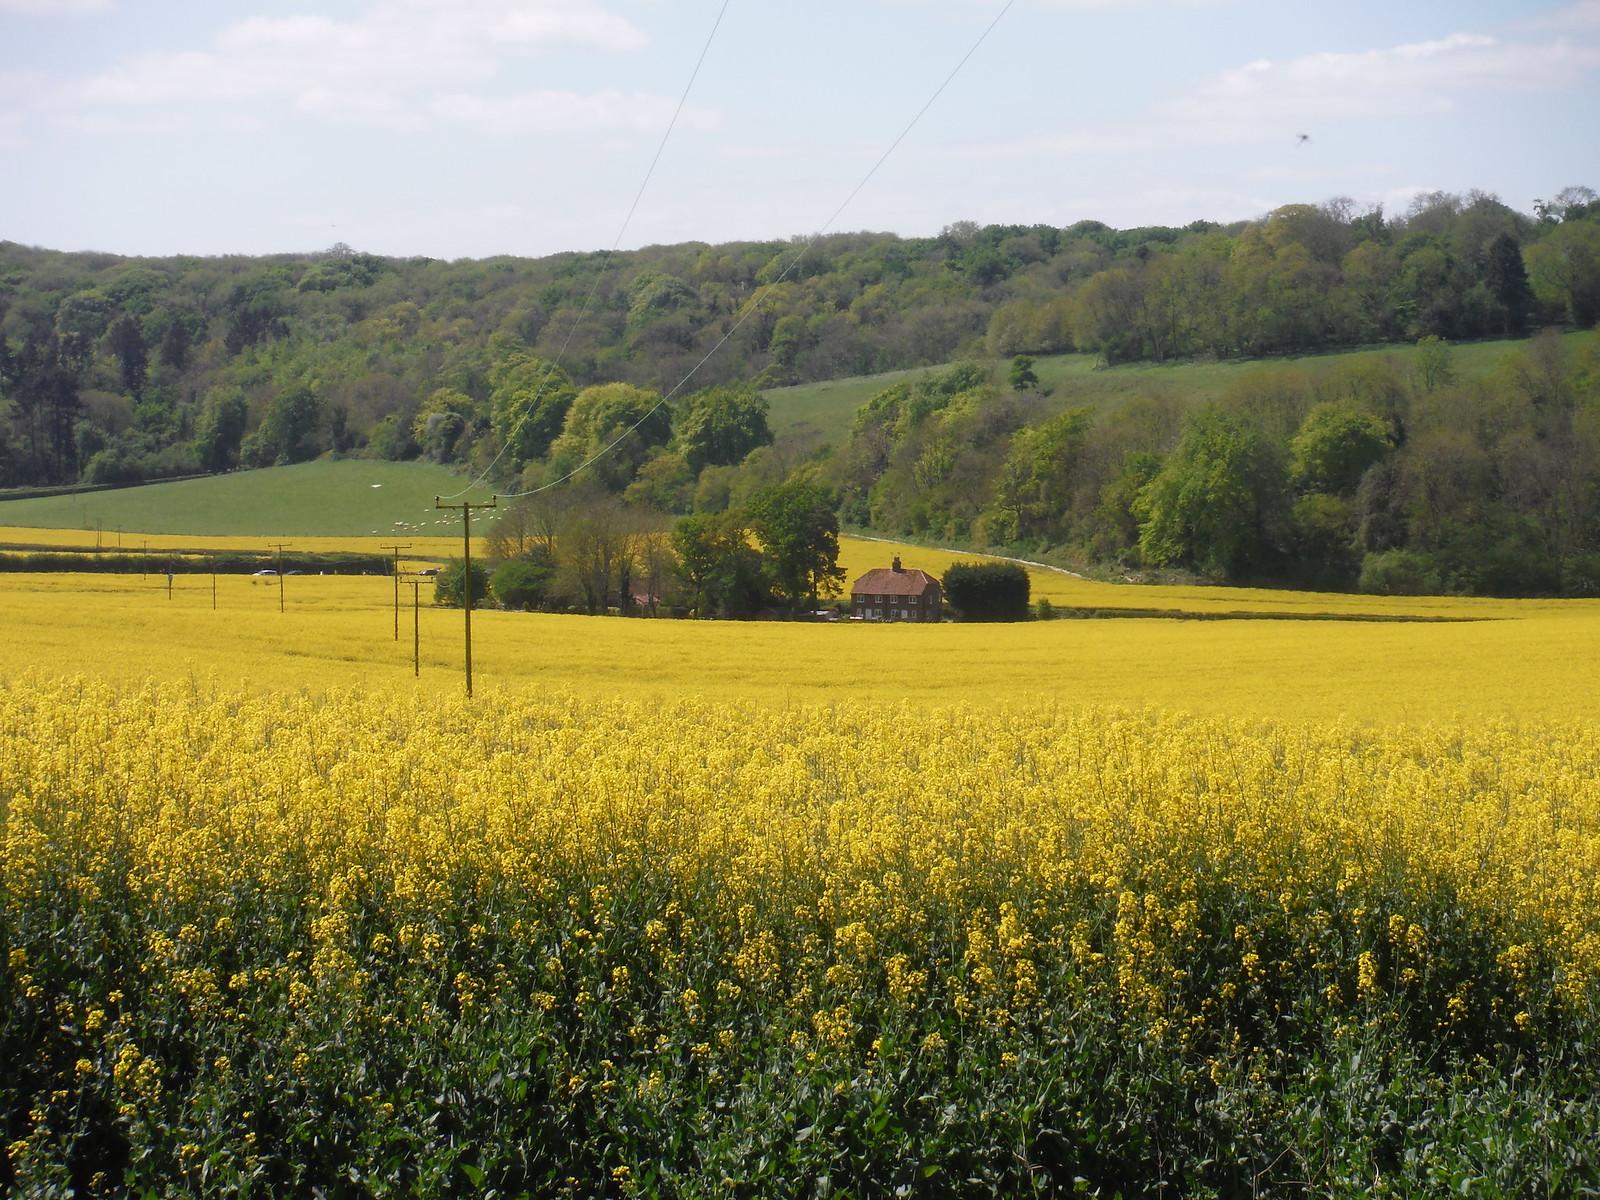 Farm House in Rape Oilseed Field, from Locksash Lane SWC Walk Rowlands Castle Circular